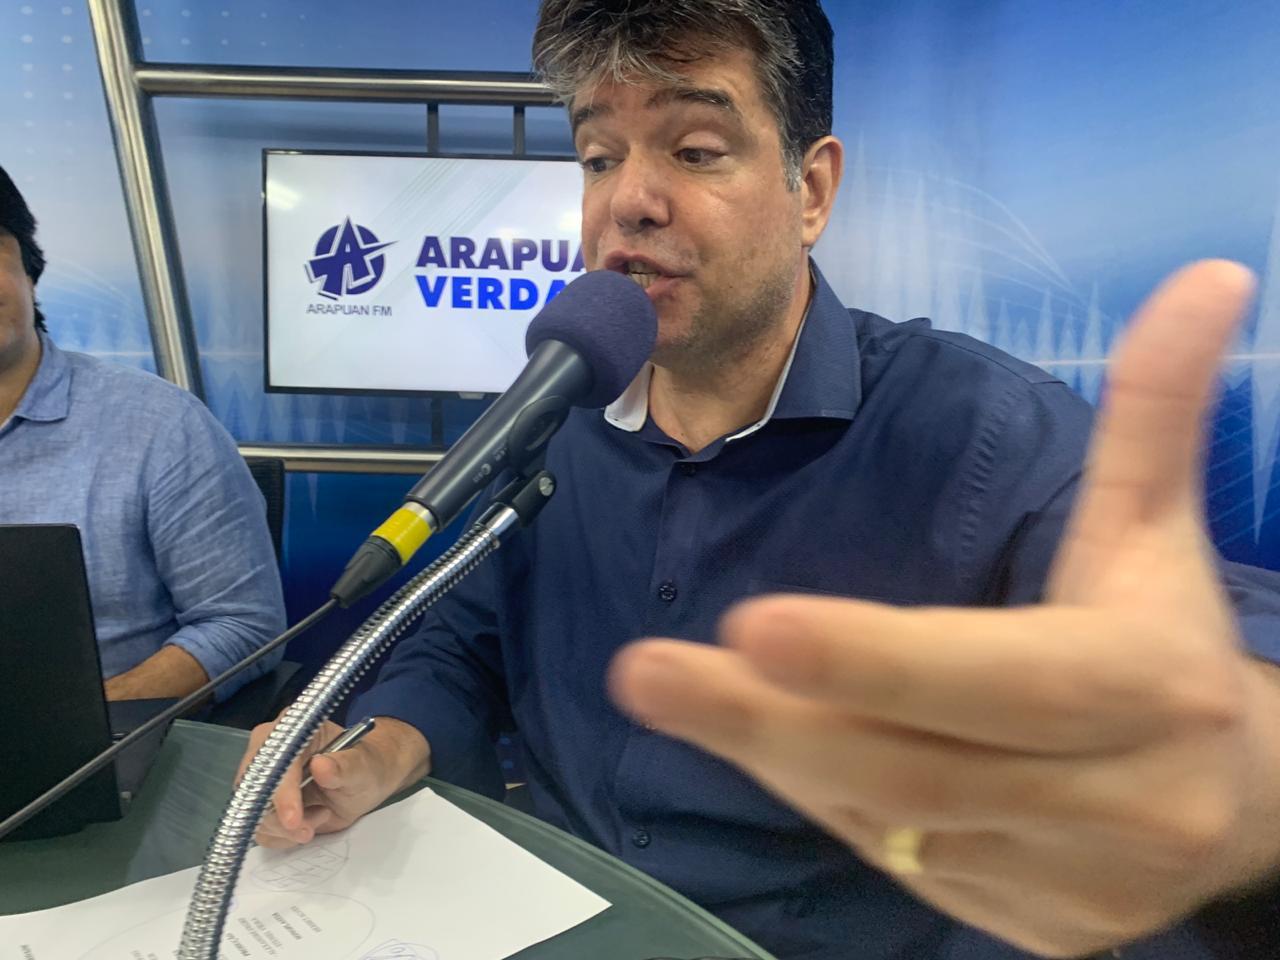 WhatsApp Image 2019 09 05 at 2.00.08 PM 1 - 'OPERAÇÃO CALVÁRIO É DIVISORA DE ÁGUAS NA PARAÍBA': Ruy Carneiro admite aproximação com João Azevedo se ele romper com Ricardo Coutinho; VEJA VÍDEO